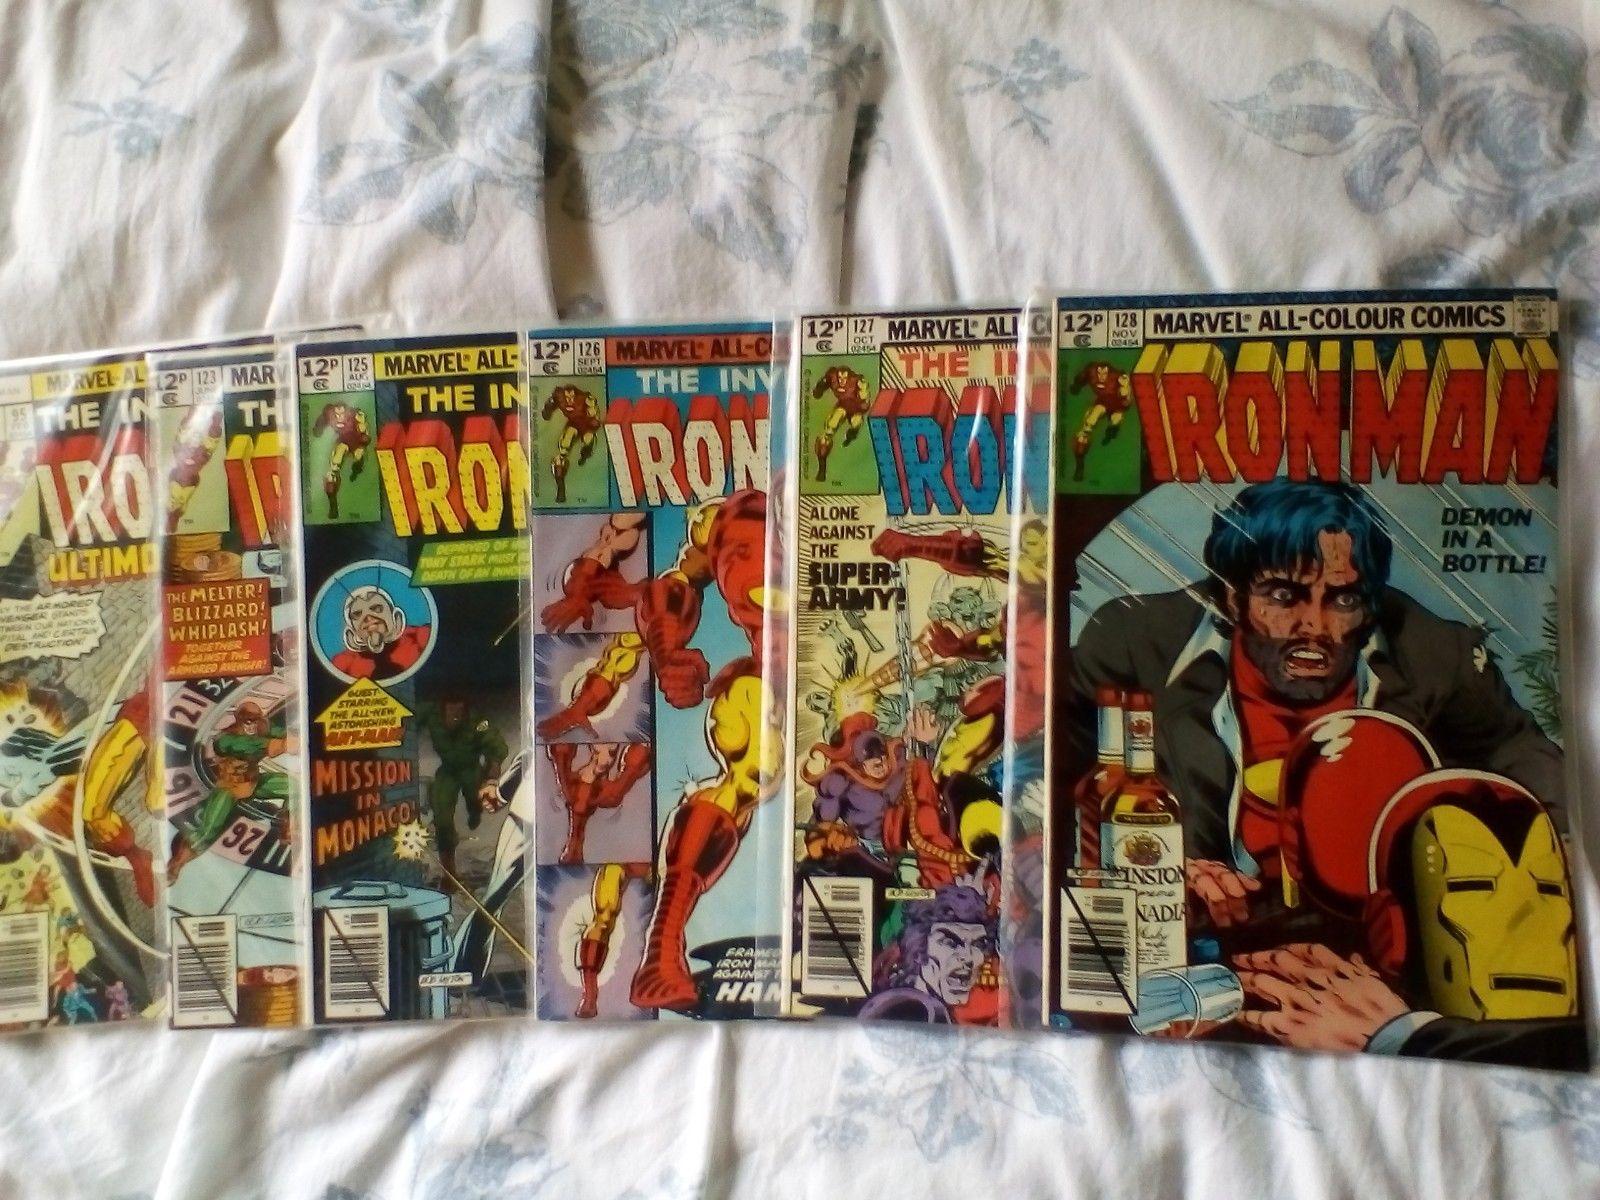 Iron Man 80,95,123,125,126,127,128,129,130,131,132,133,134-138,140,142 Hulk app